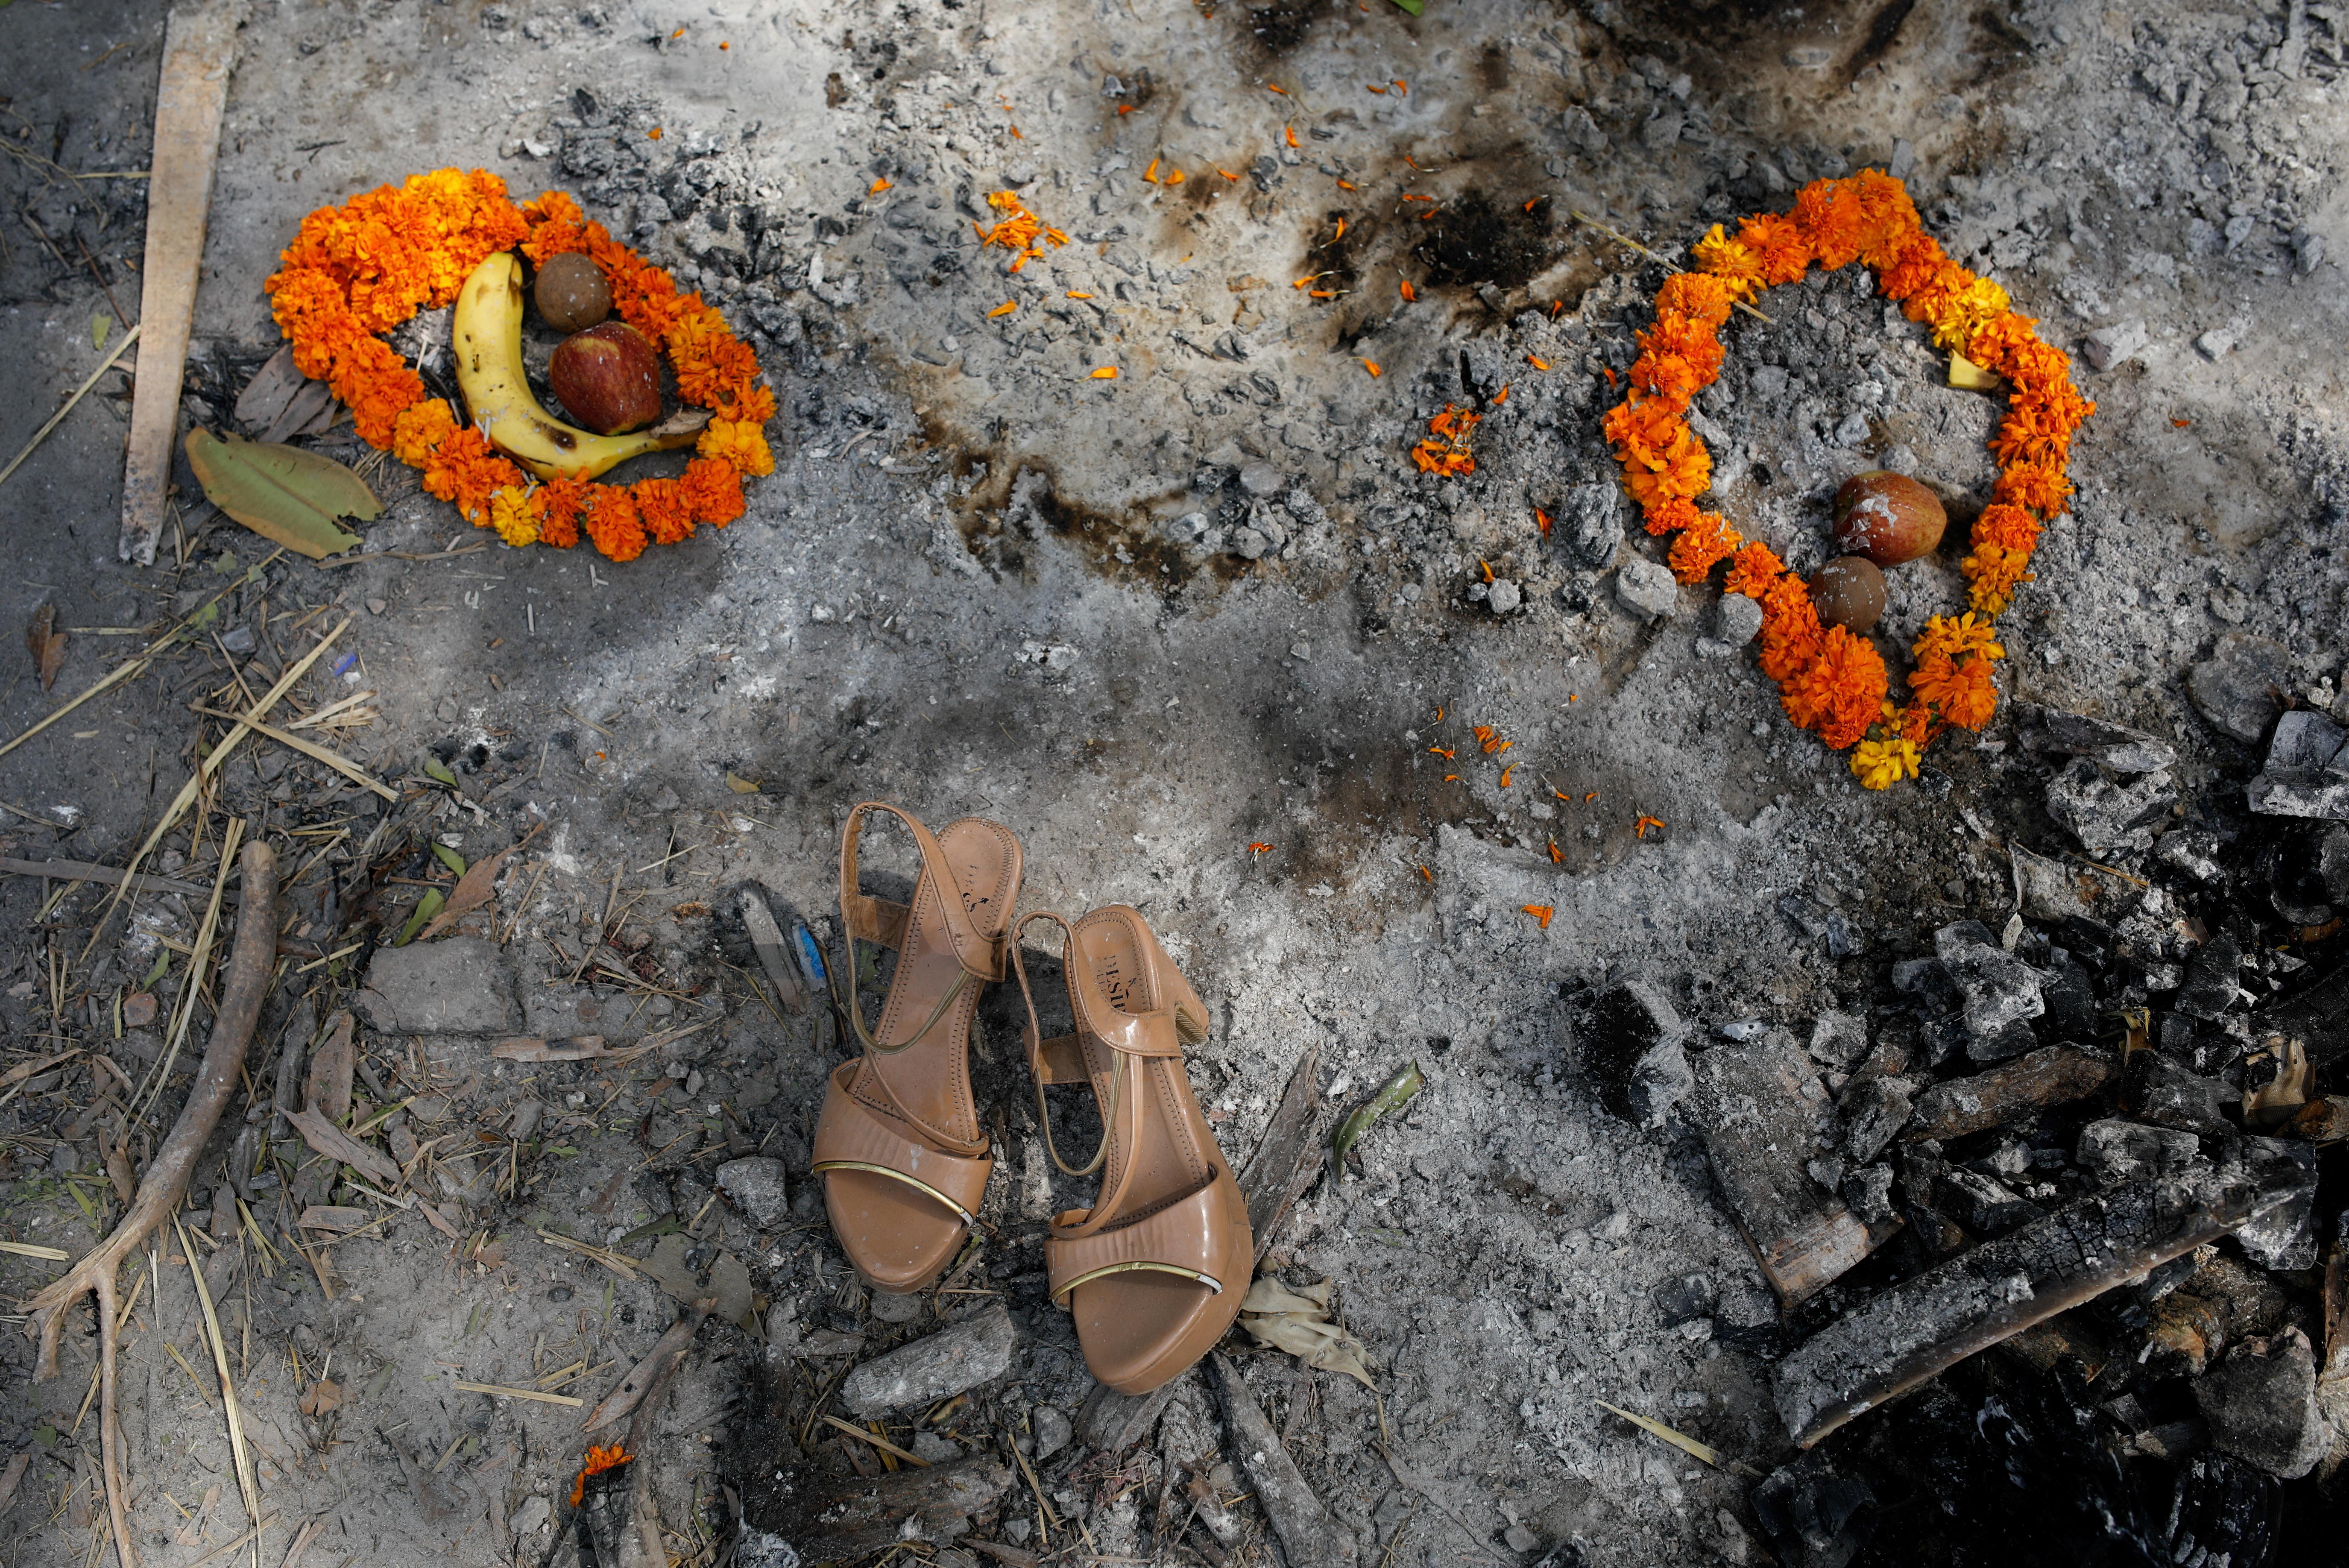 4月30日,新德里火葬场,一名女性死者的花环,水果和一双凉鞋。 路透社图源.jpg